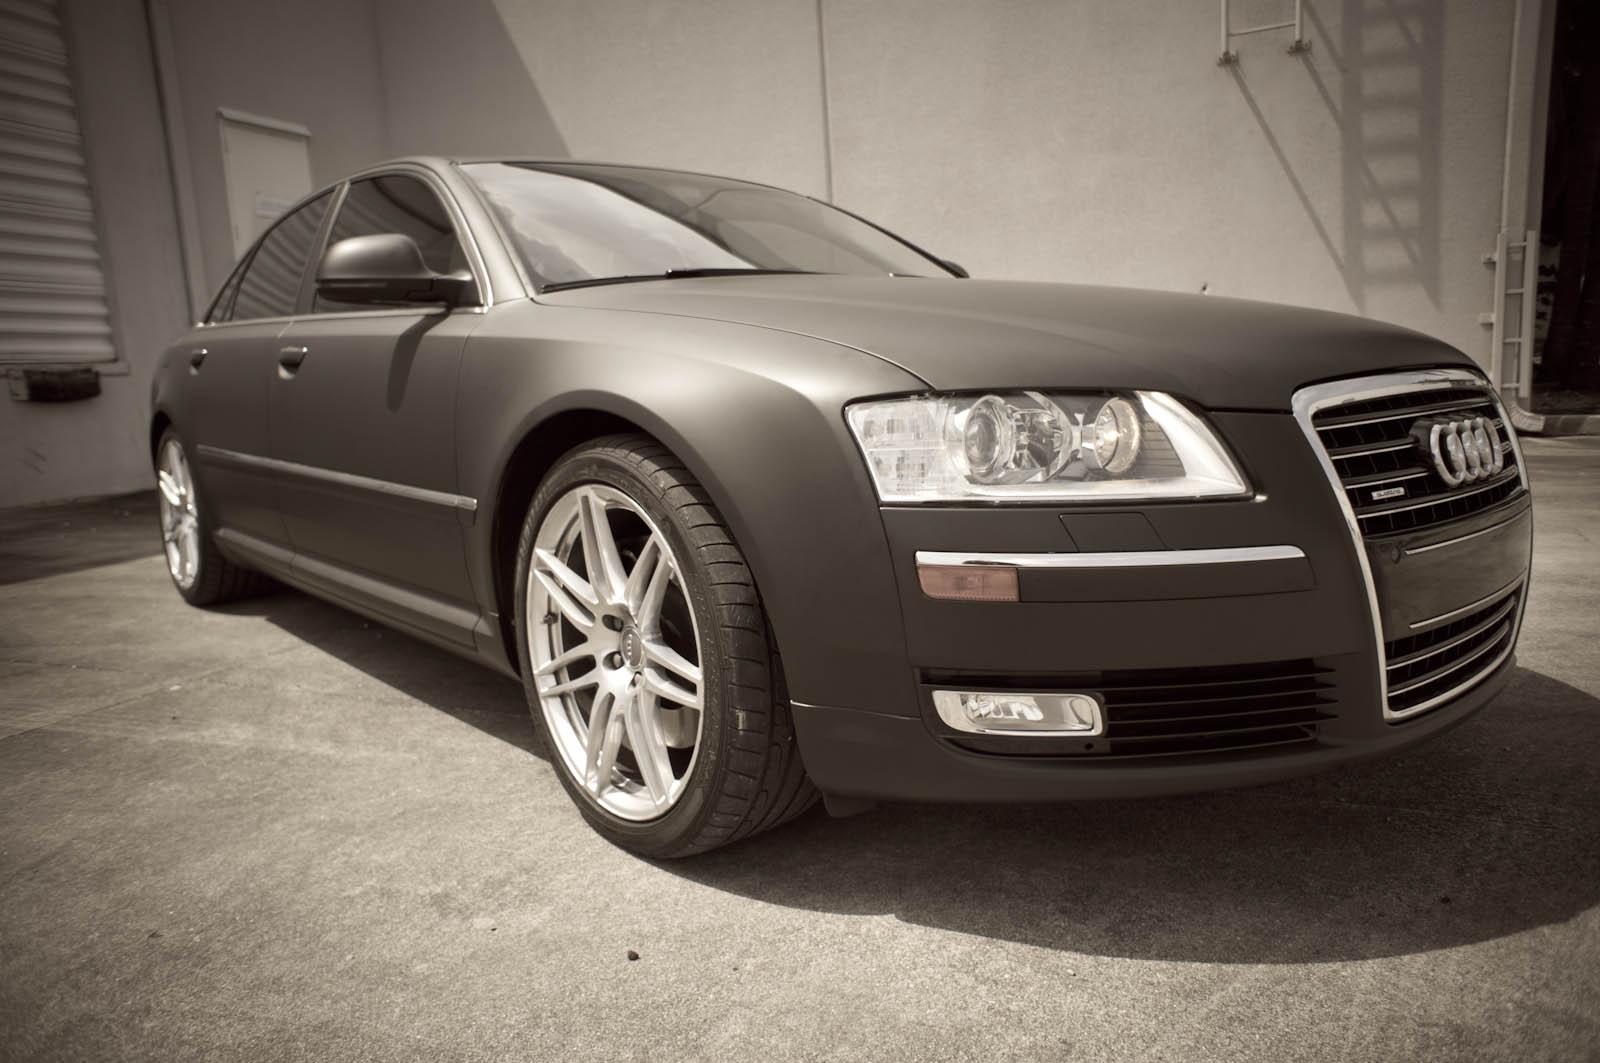 http://3.bp.blogspot.com/-Sv7V1xkFIIM/UGjGcSJDp5I/AAAAAAAAEkA/drq8j6EJ2vo/s1600/Aventura+FL+Audi+A8+matte+black+car+wrap.jpg